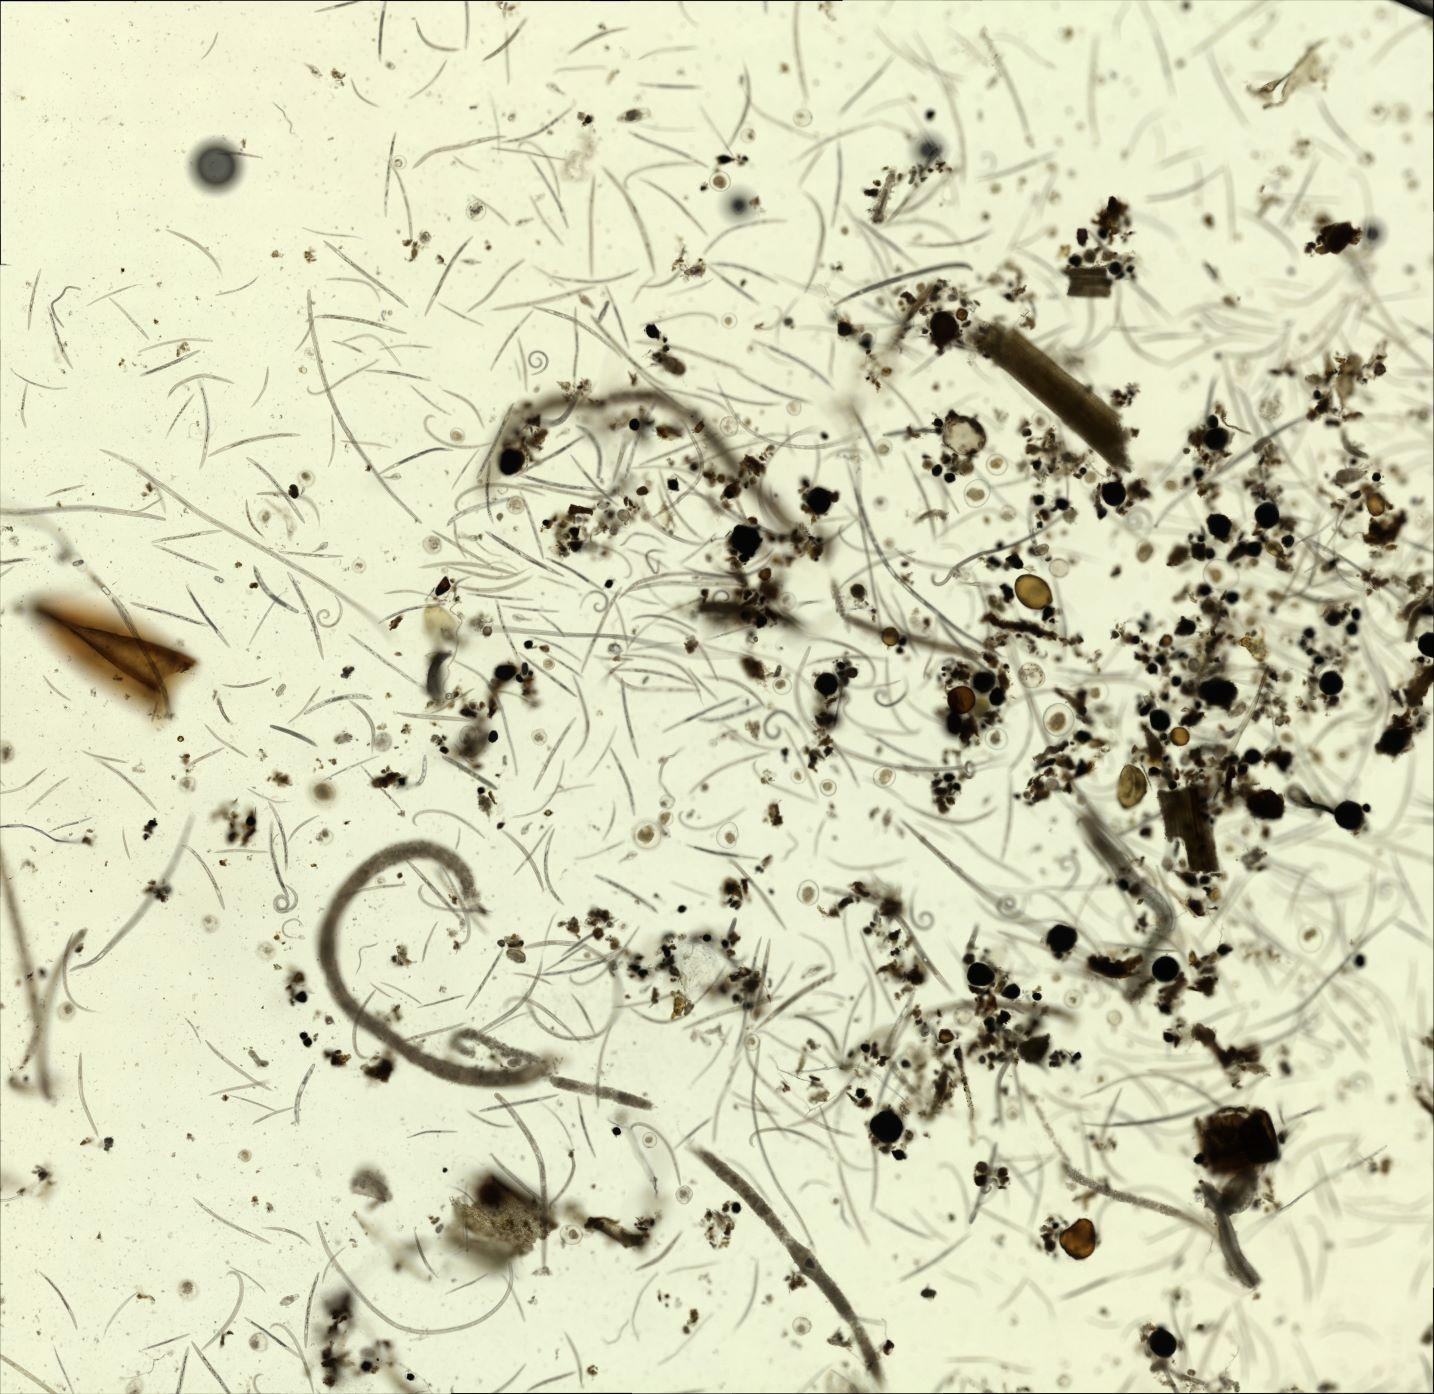 nematodes viewed through microscope